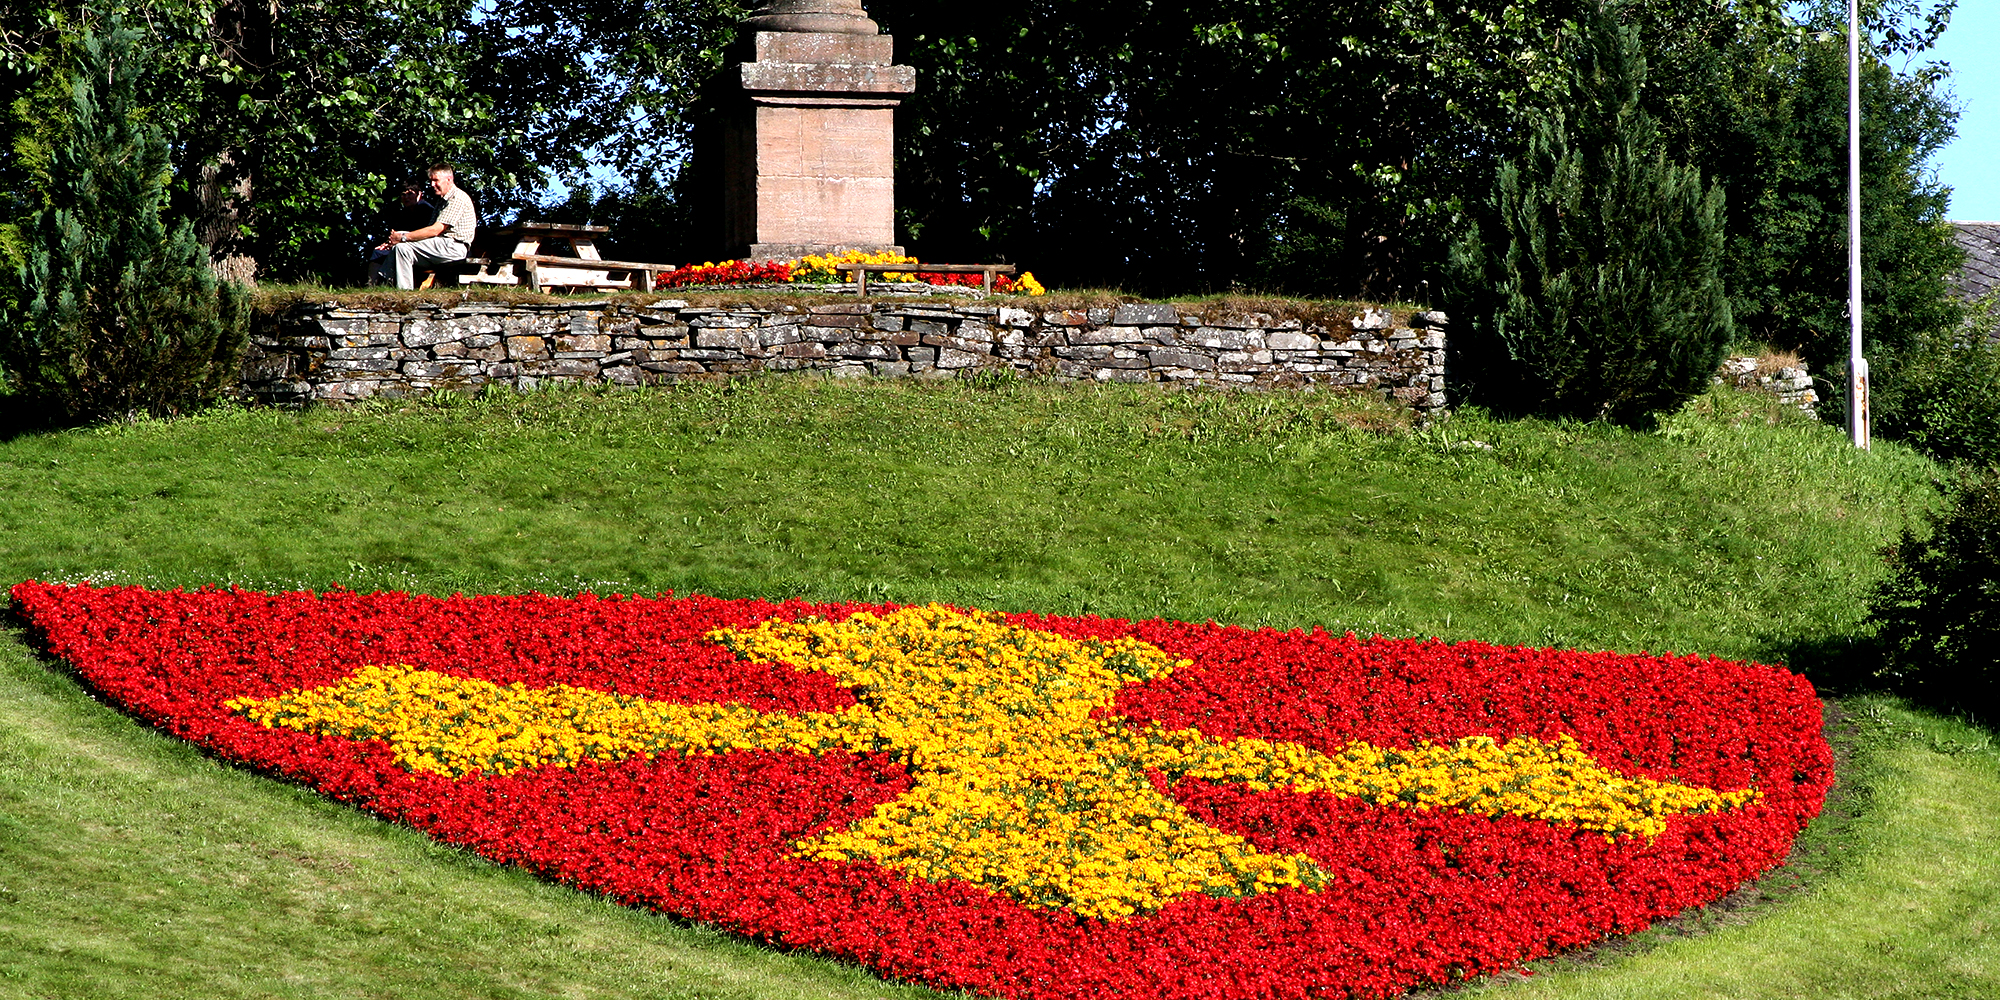 Stiklestad Nasjonale Kultursenter - kommunevåpen i blomster. Copyright: Stiklestad Nasjonale Kultursenter